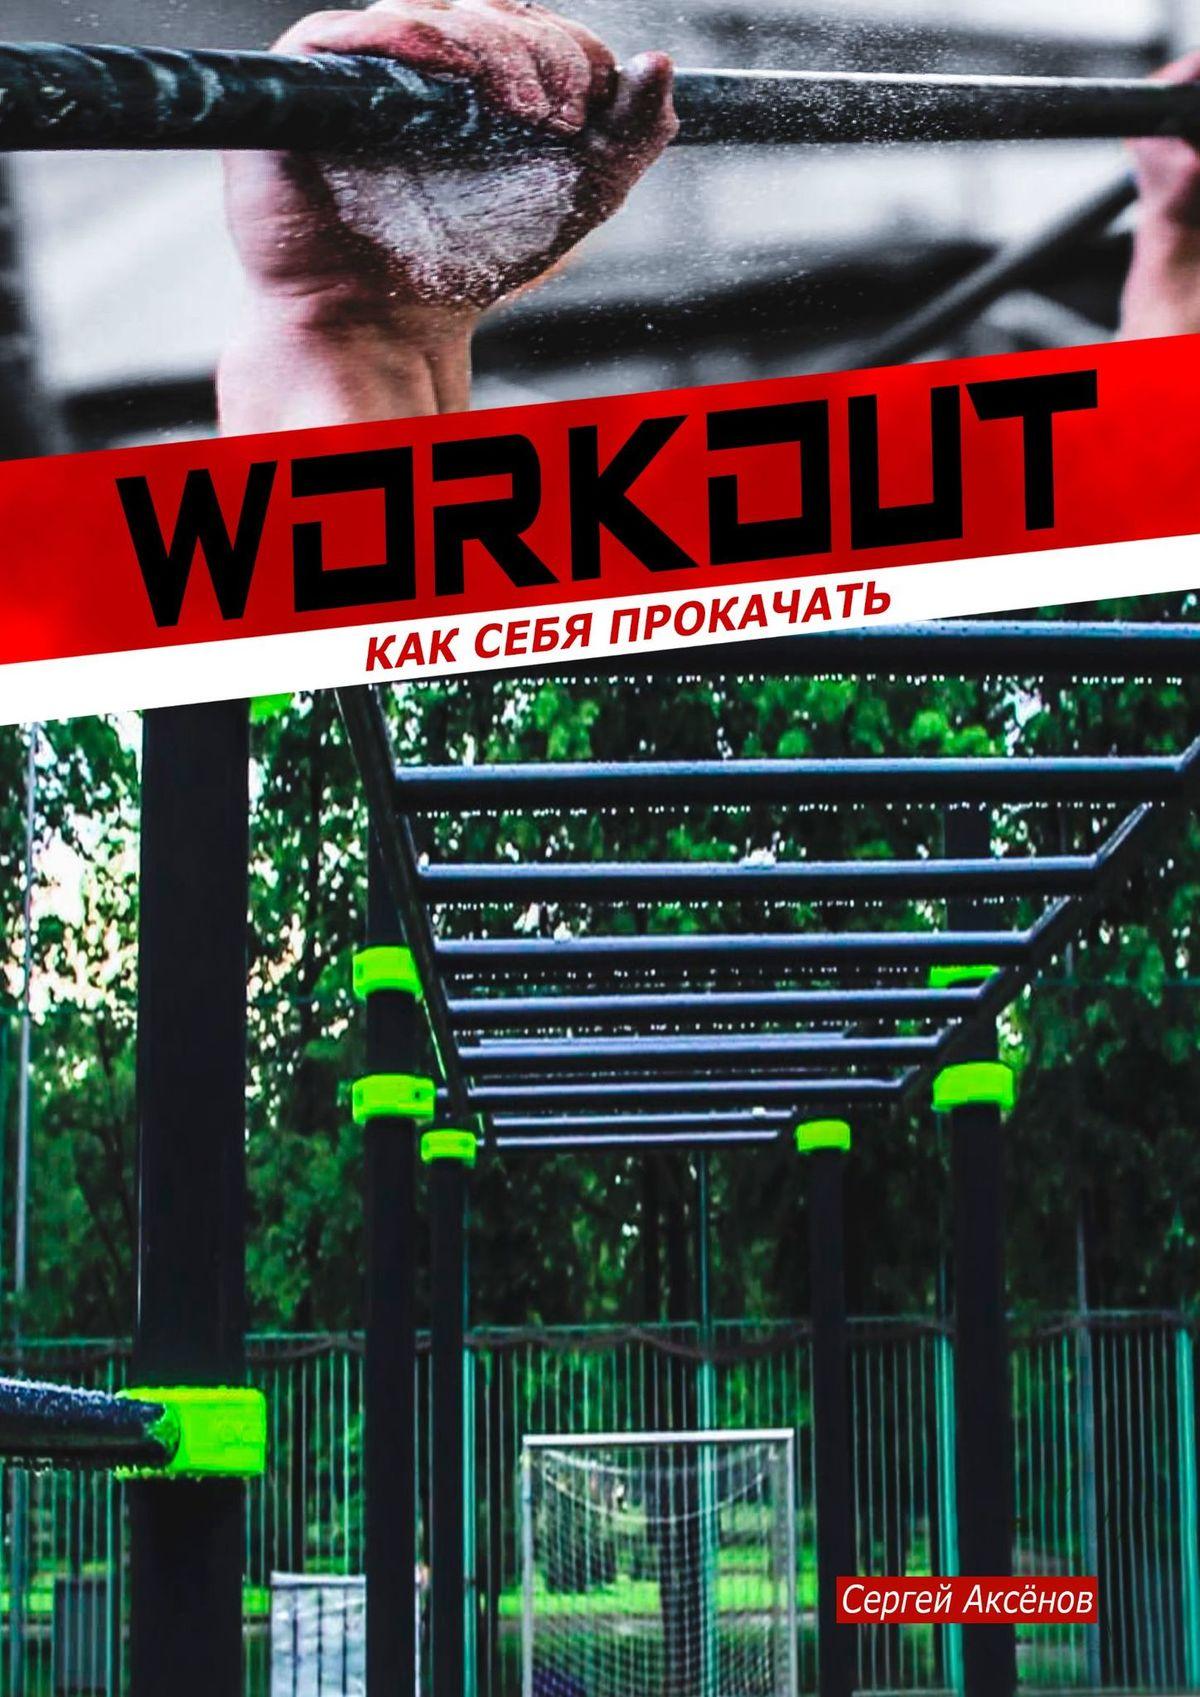 Workout: Как себя прокачать